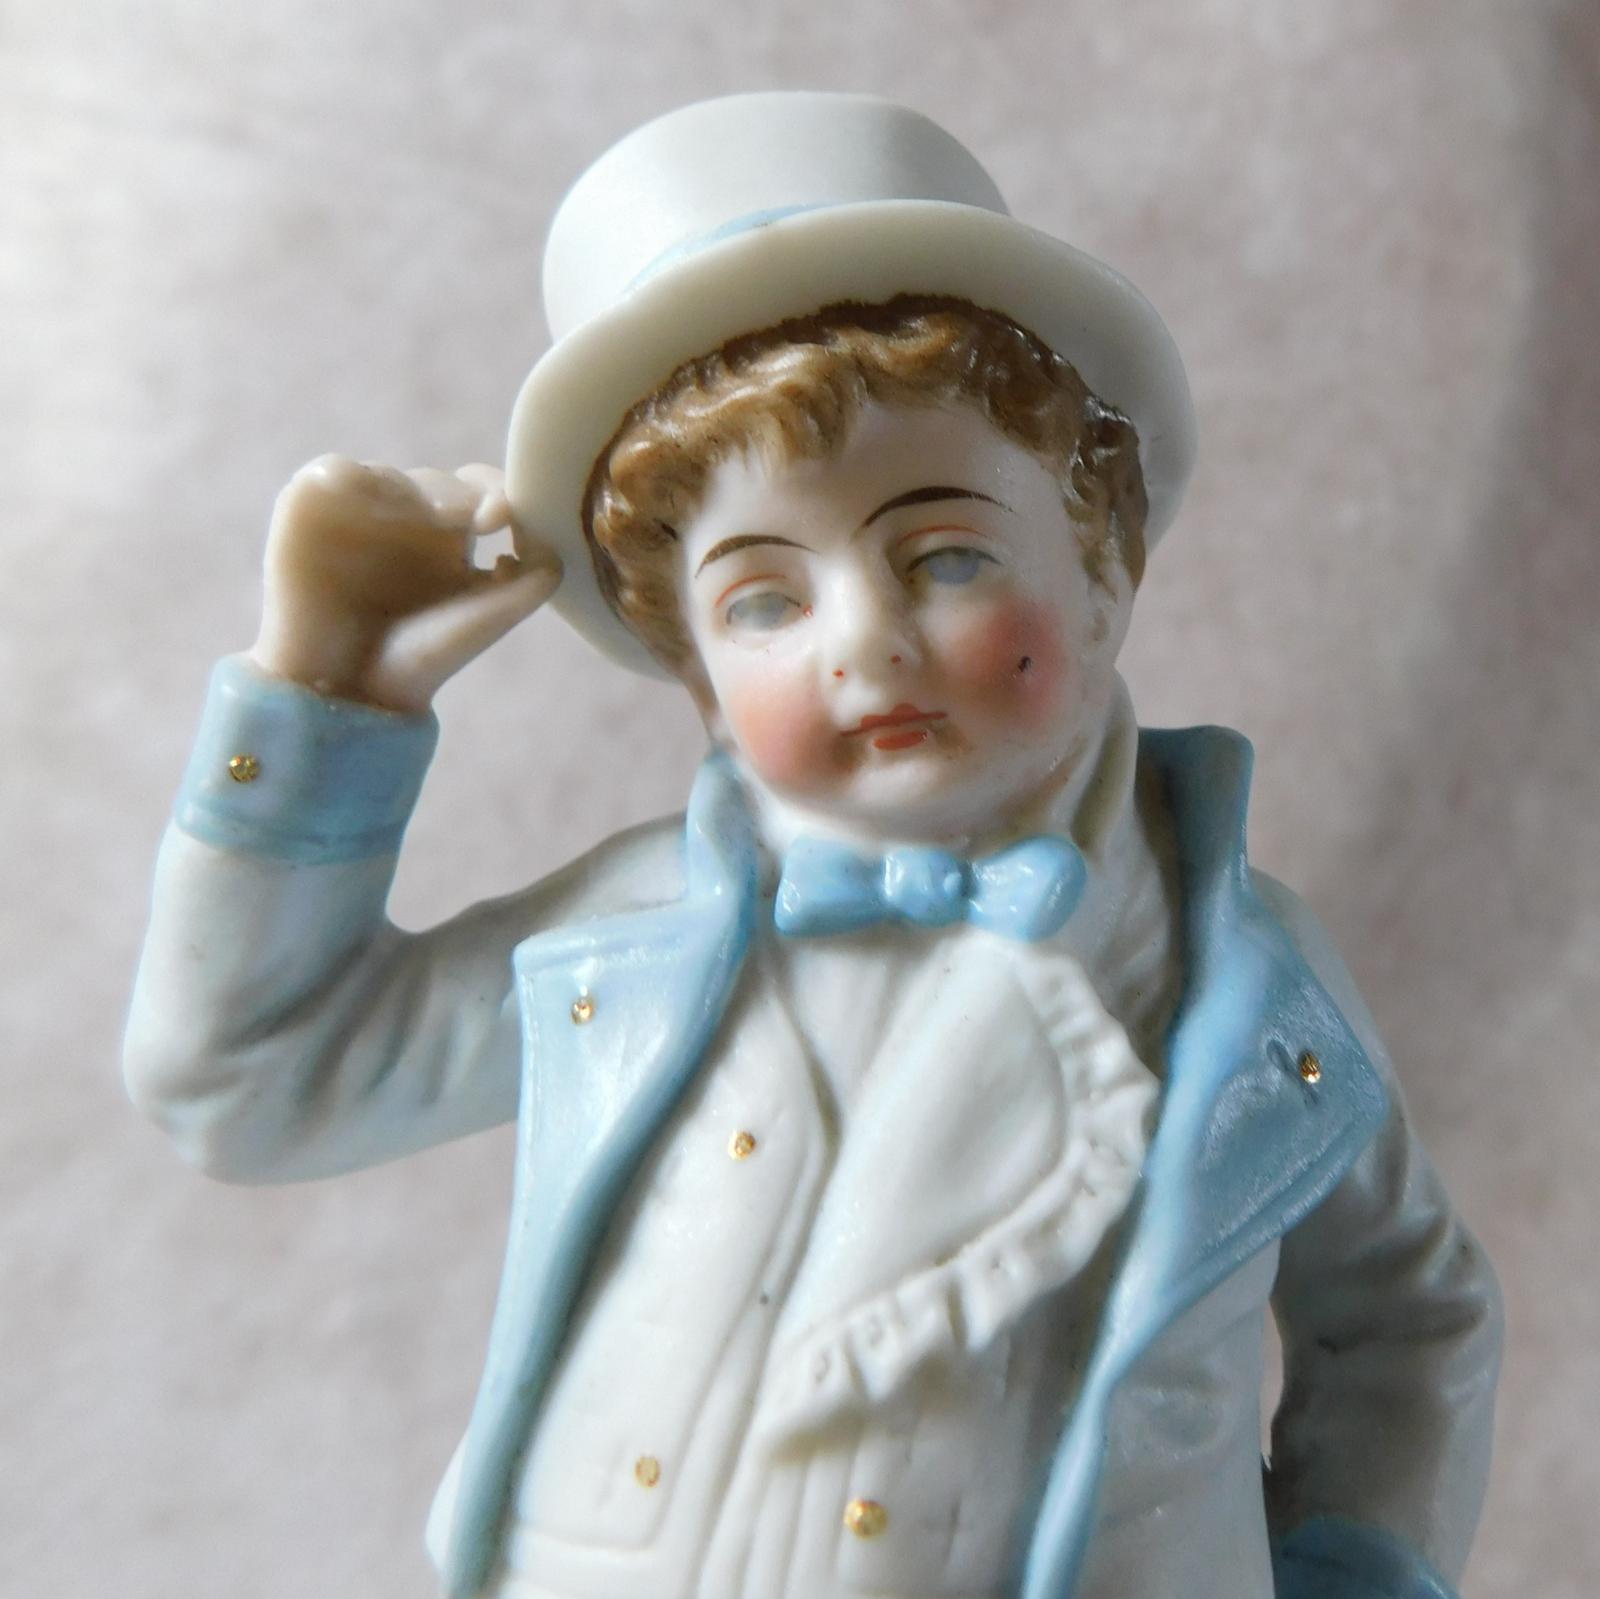 Verdi Art & Antiques image (3 of 11)